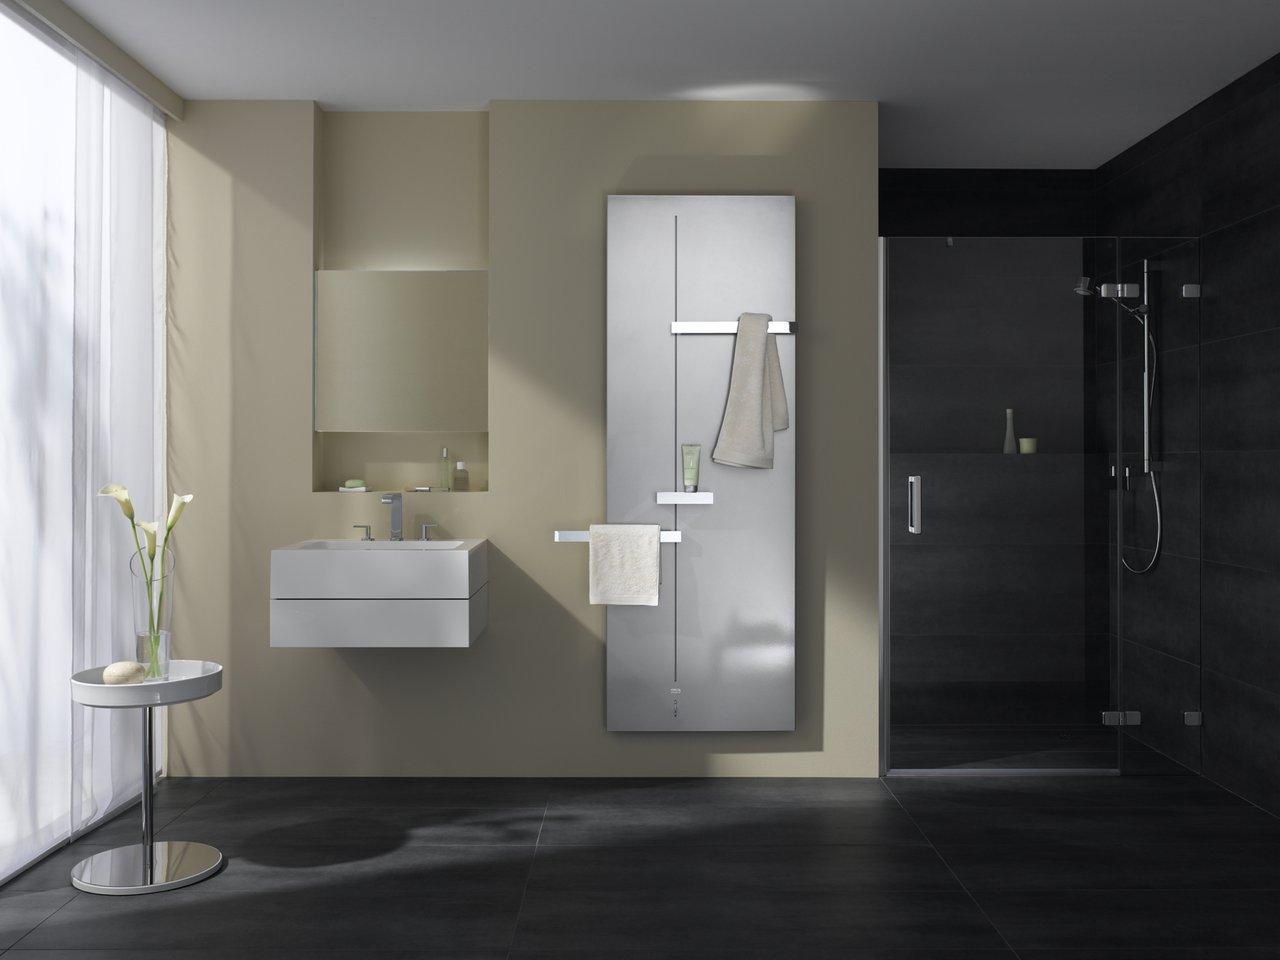 Full Size of Kermi Heizkörper Badezimmer Elektroheizkörper Bad Wohnzimmer Für Wohnzimmer Kermi Heizkörper